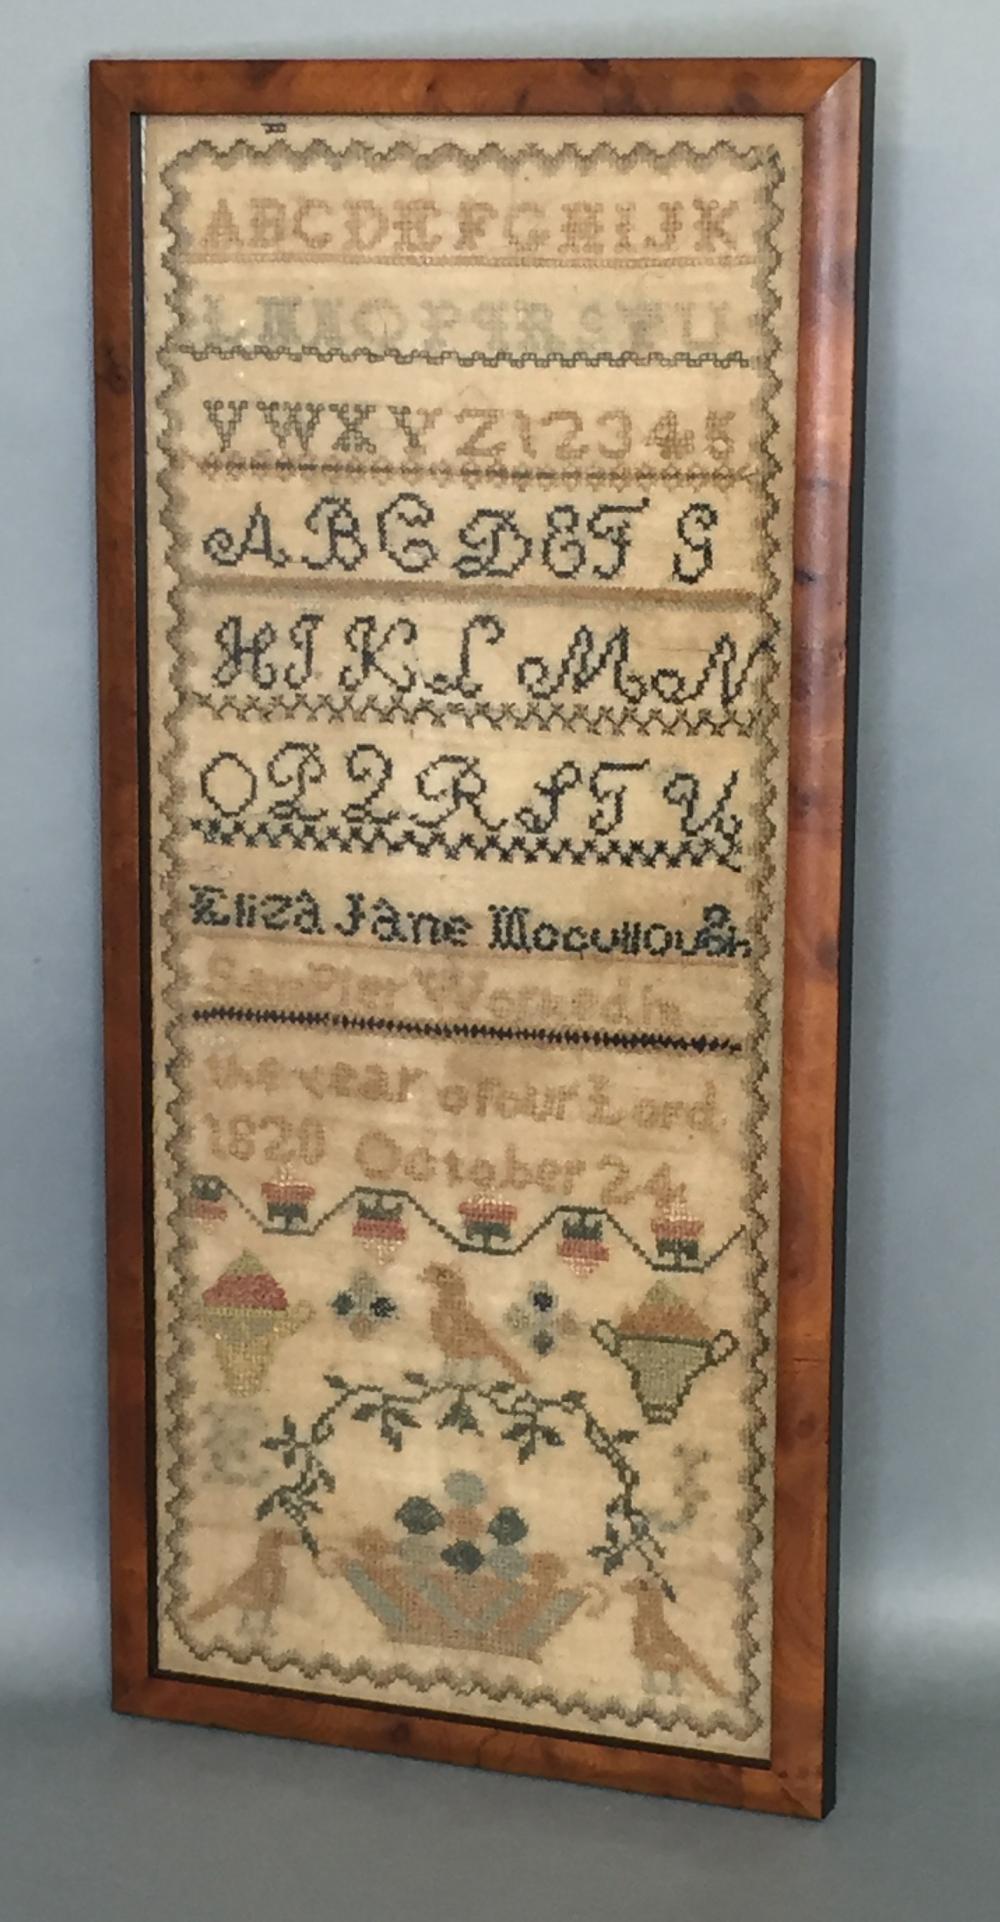 Framed sampler of Eliza Jane Mocullough